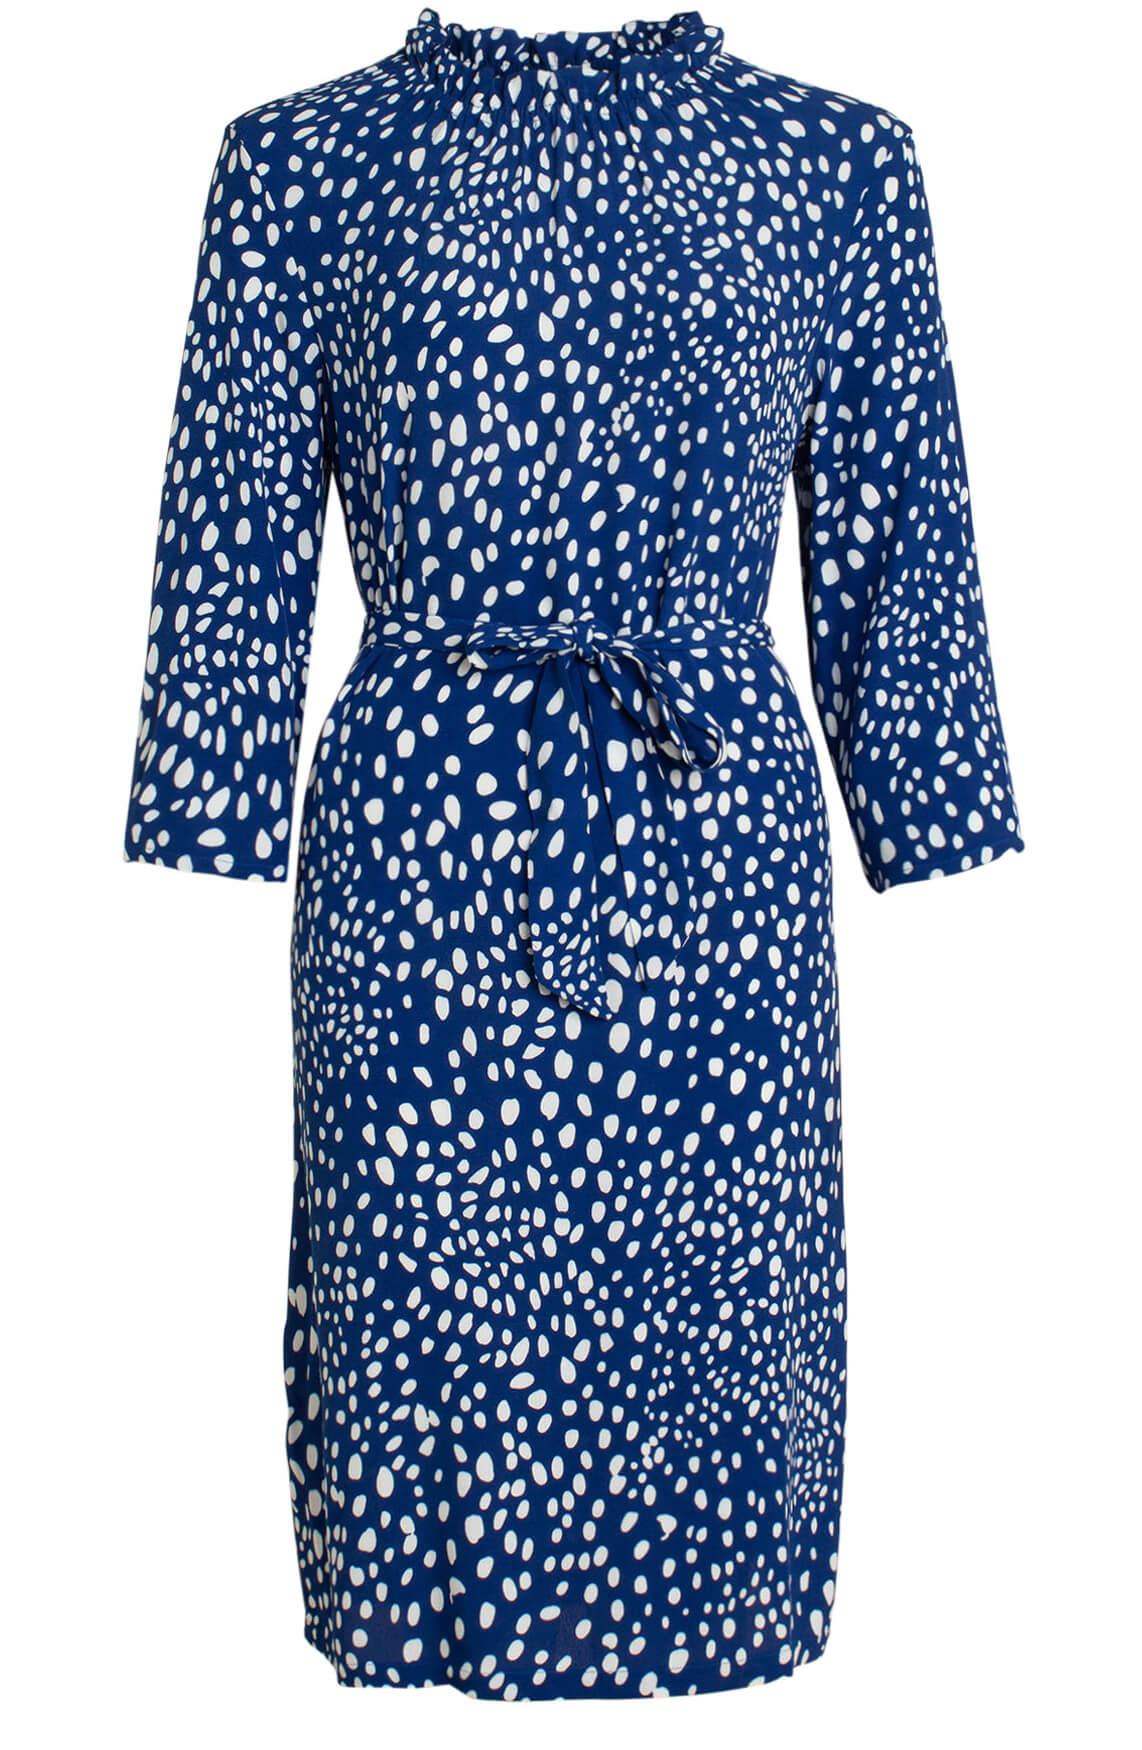 Anna Dames Polkadot jurk Blauw